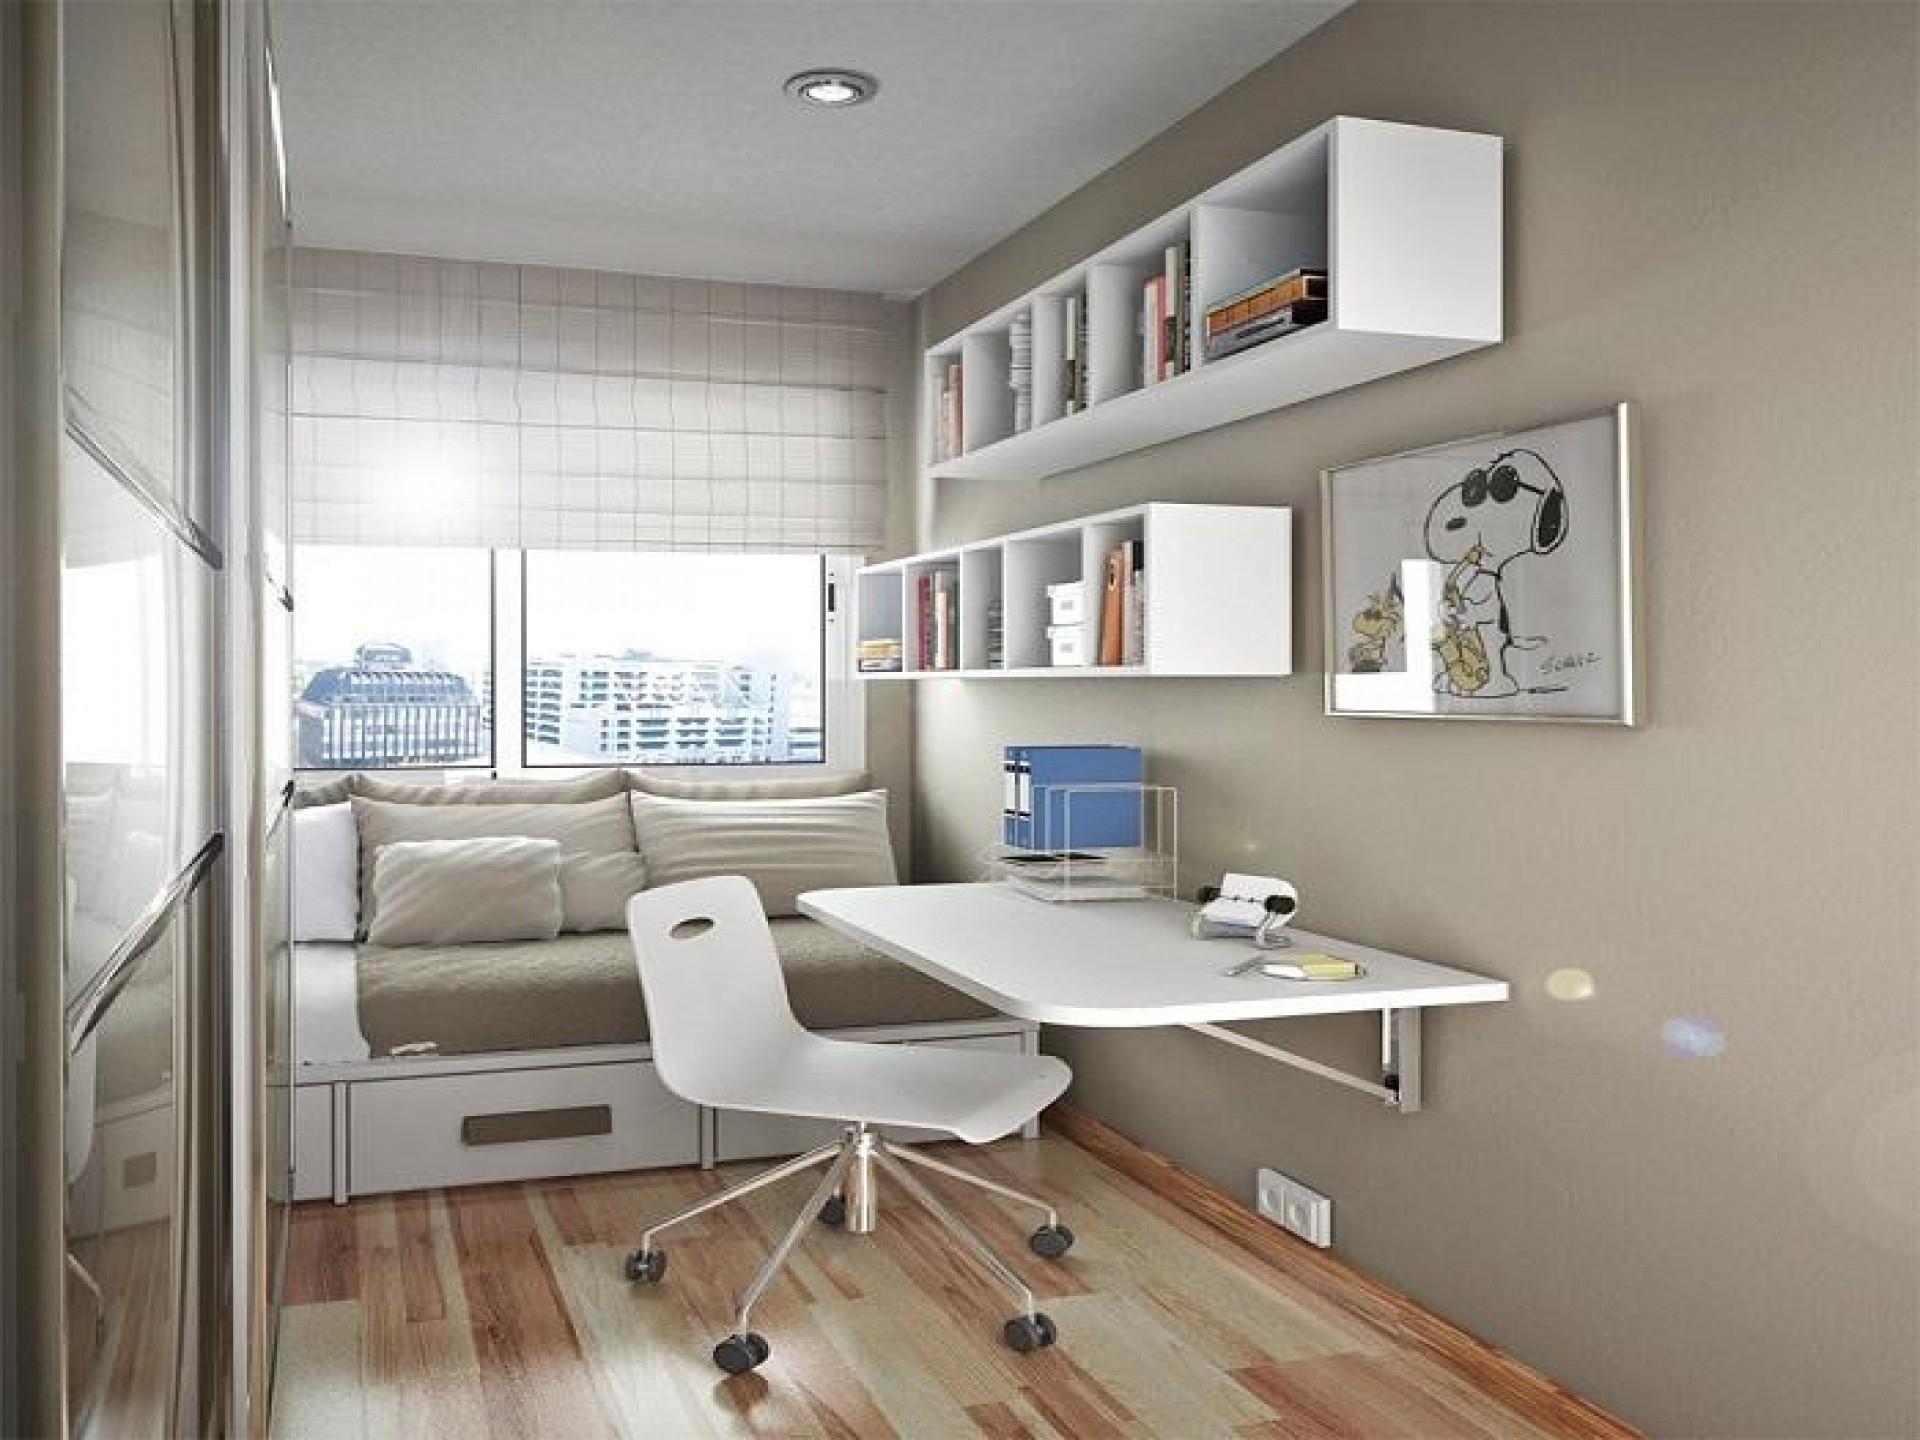 организация порядка в маленькой квартире фото 17